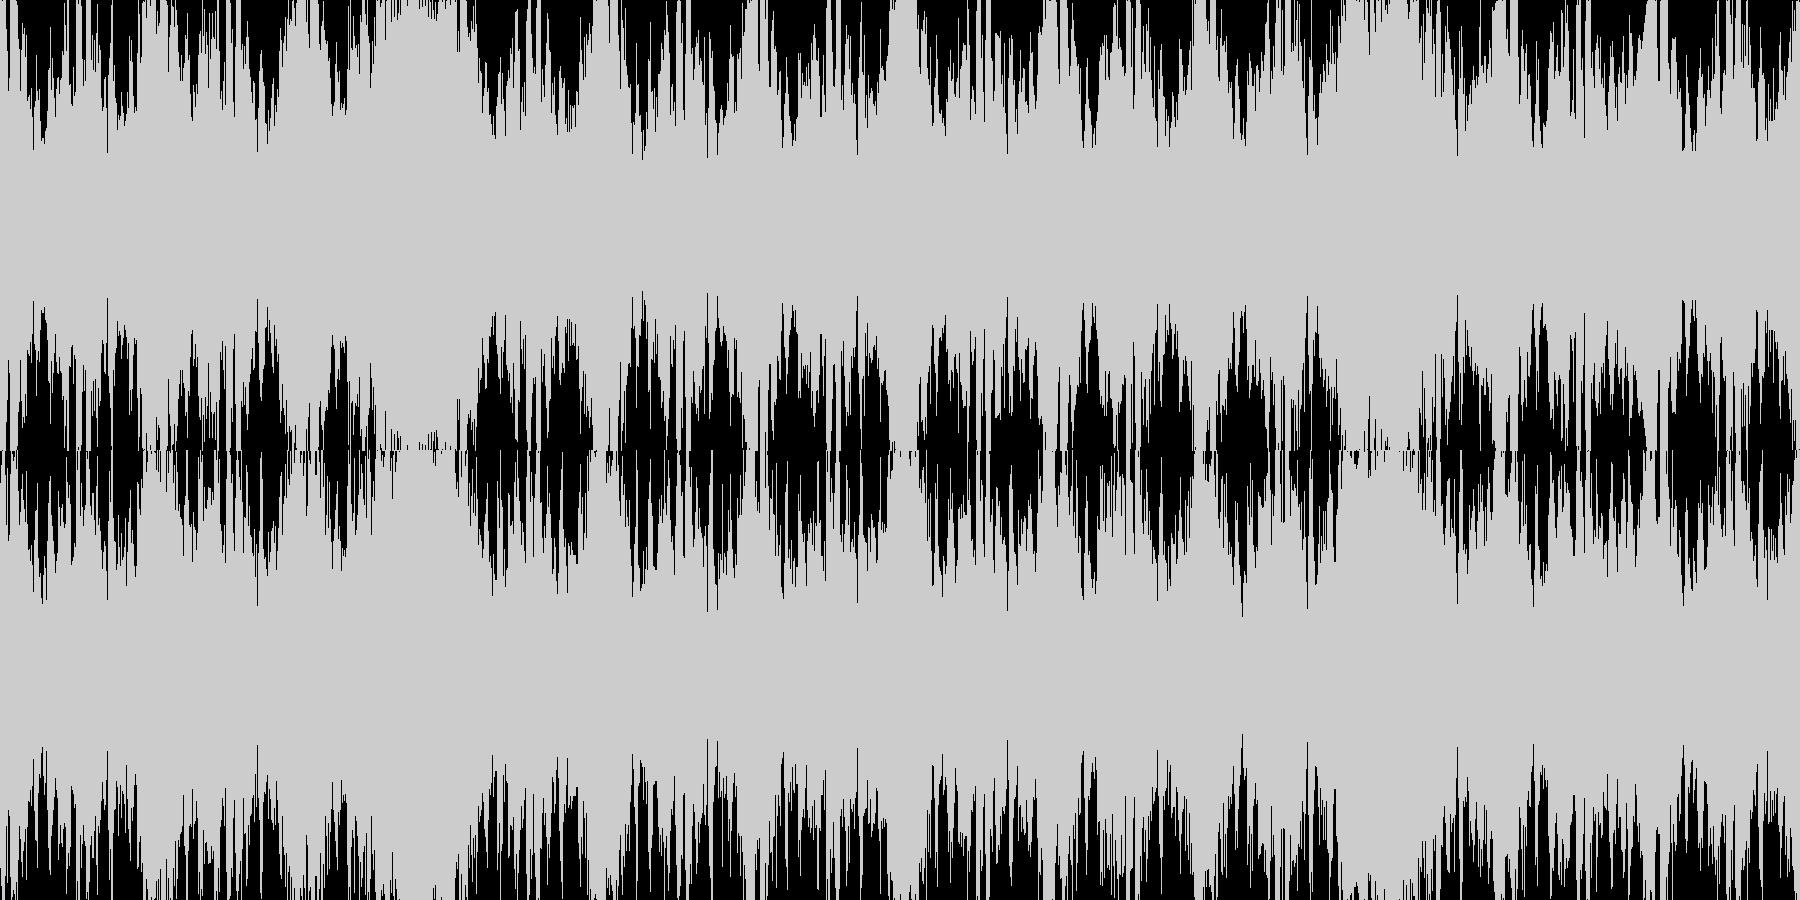 緊迫のバトル系オーケストラ ループ素材の未再生の波形